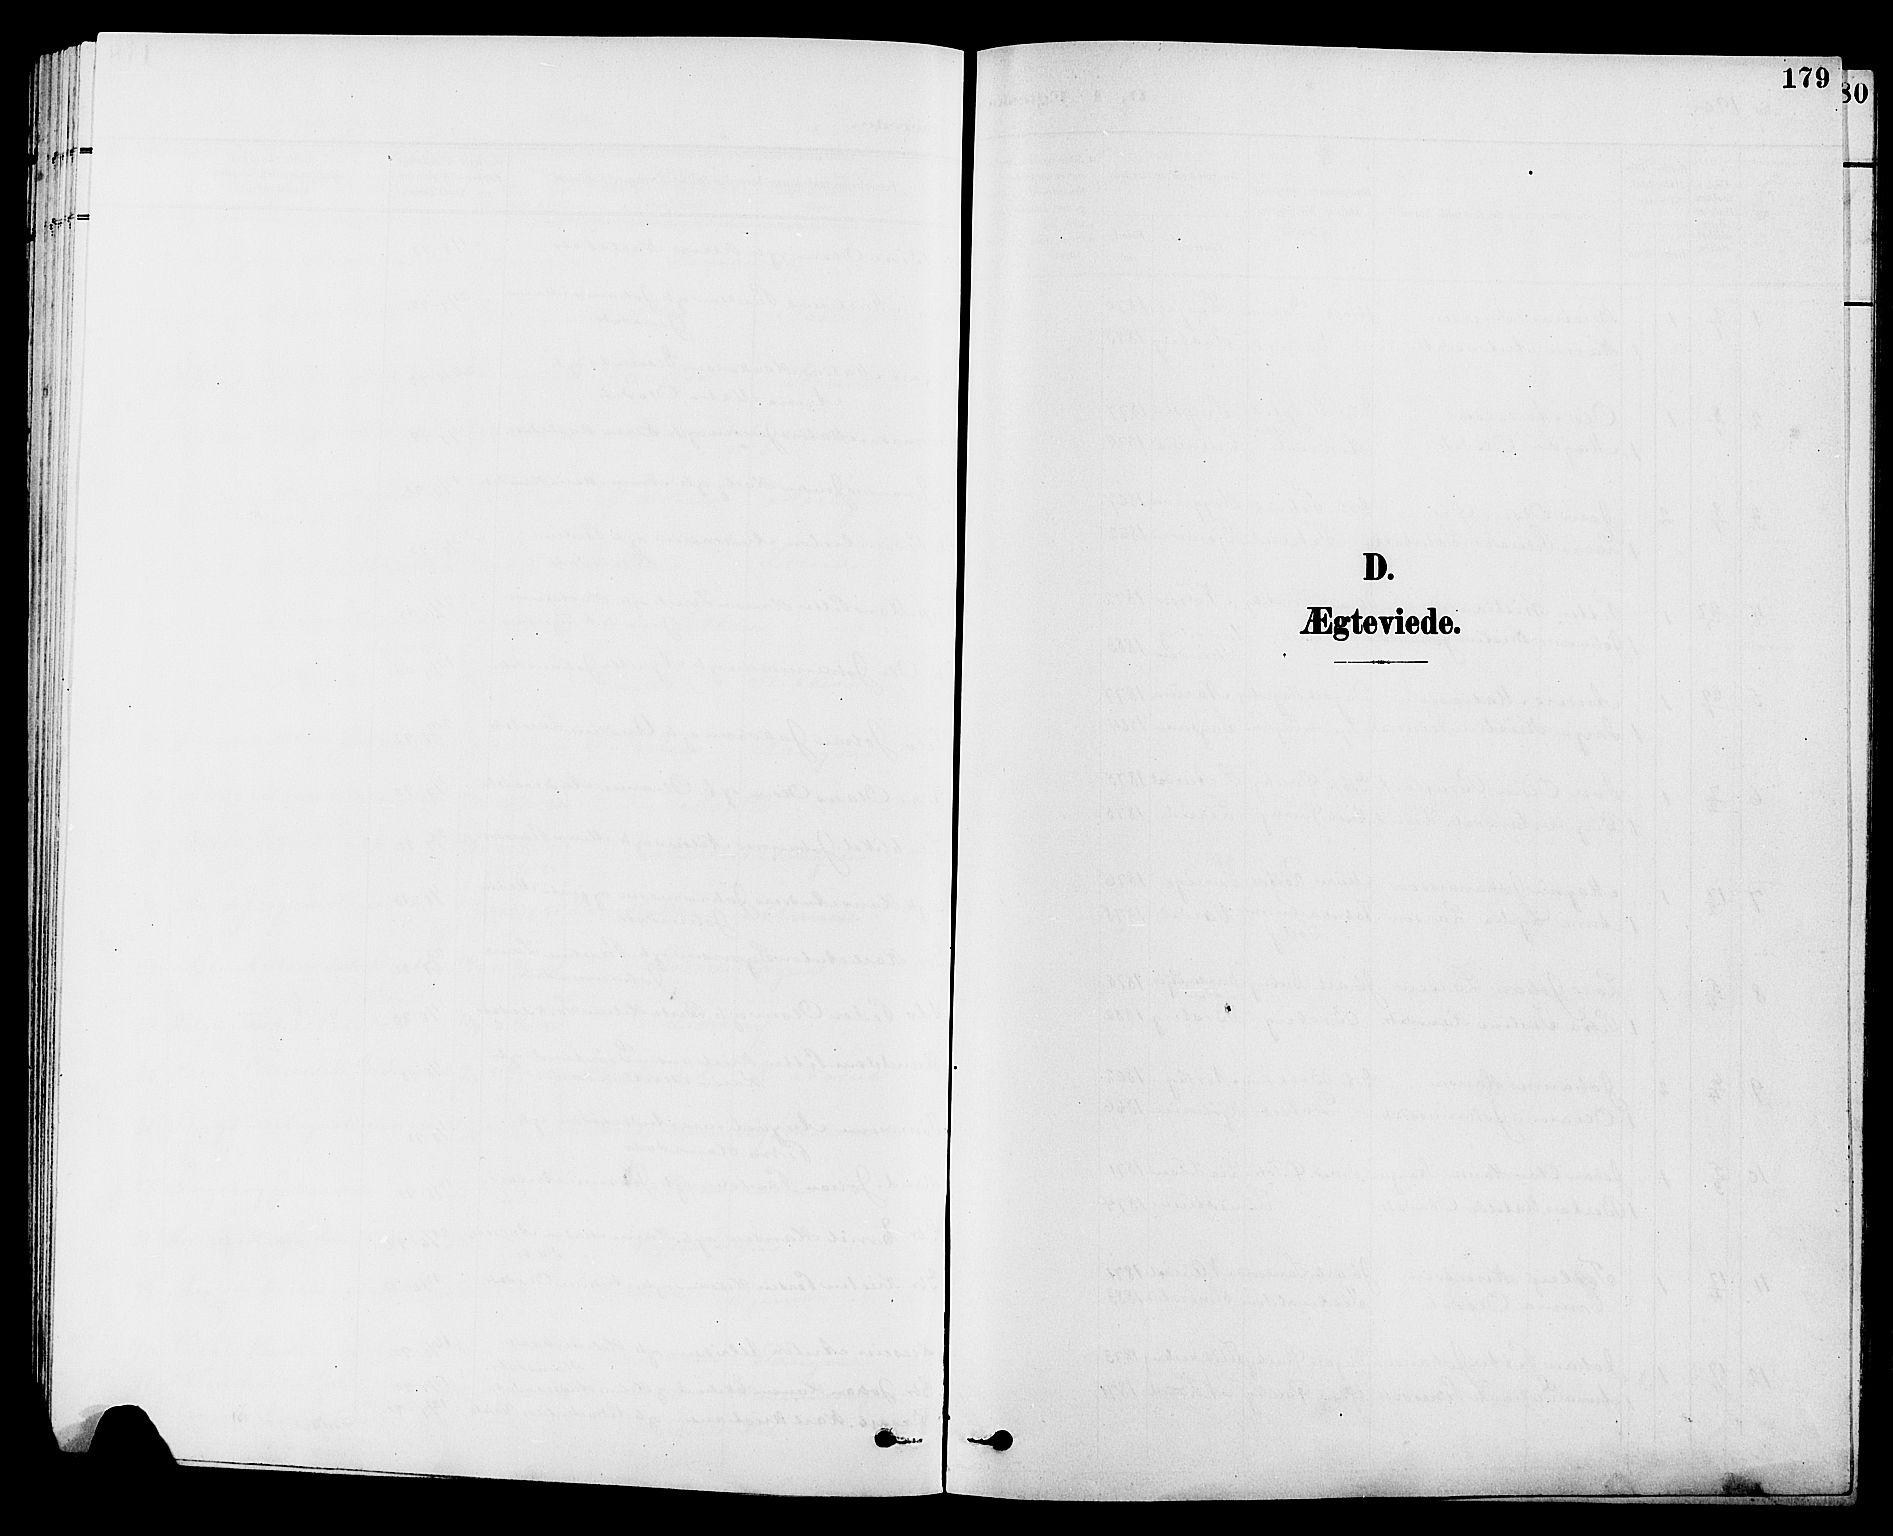 SAH, Vestre Toten prestekontor, Klokkerbok nr. 10, 1900-1912, s. 179